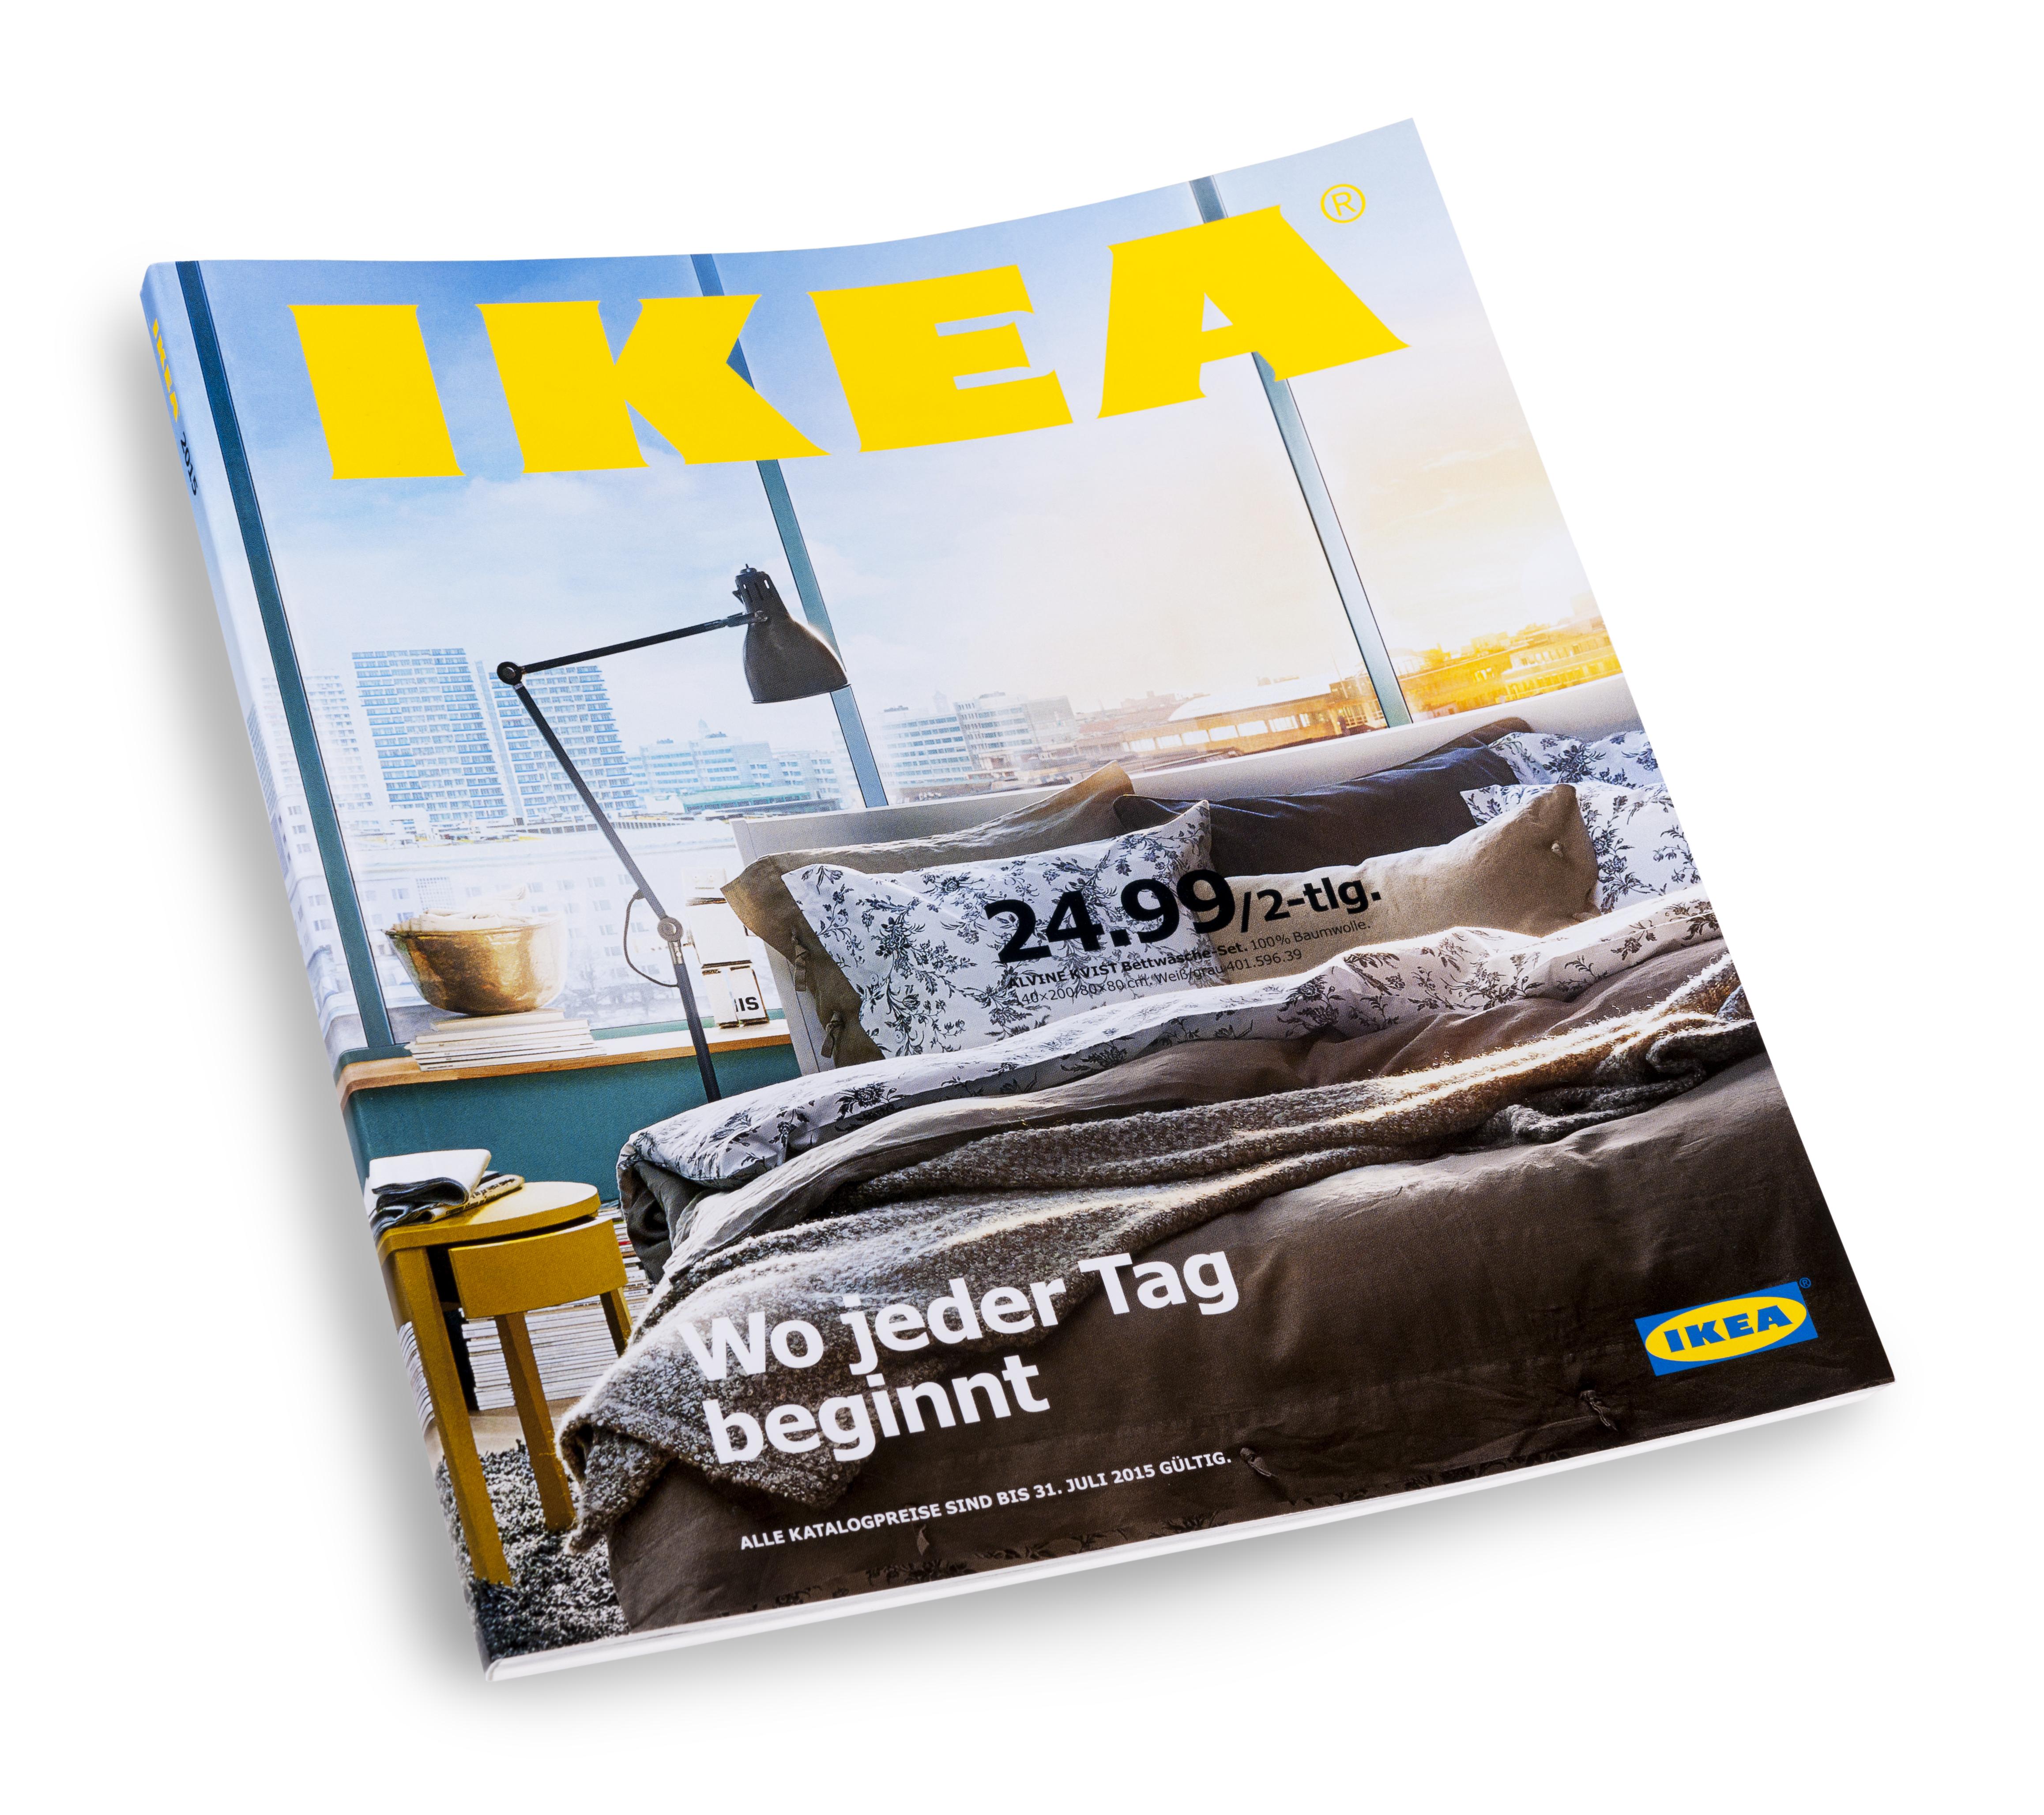 f r einen guten start in den tag ikea katalog 2015 r ckt schlaf und badezimmer in den fokus. Black Bedroom Furniture Sets. Home Design Ideas